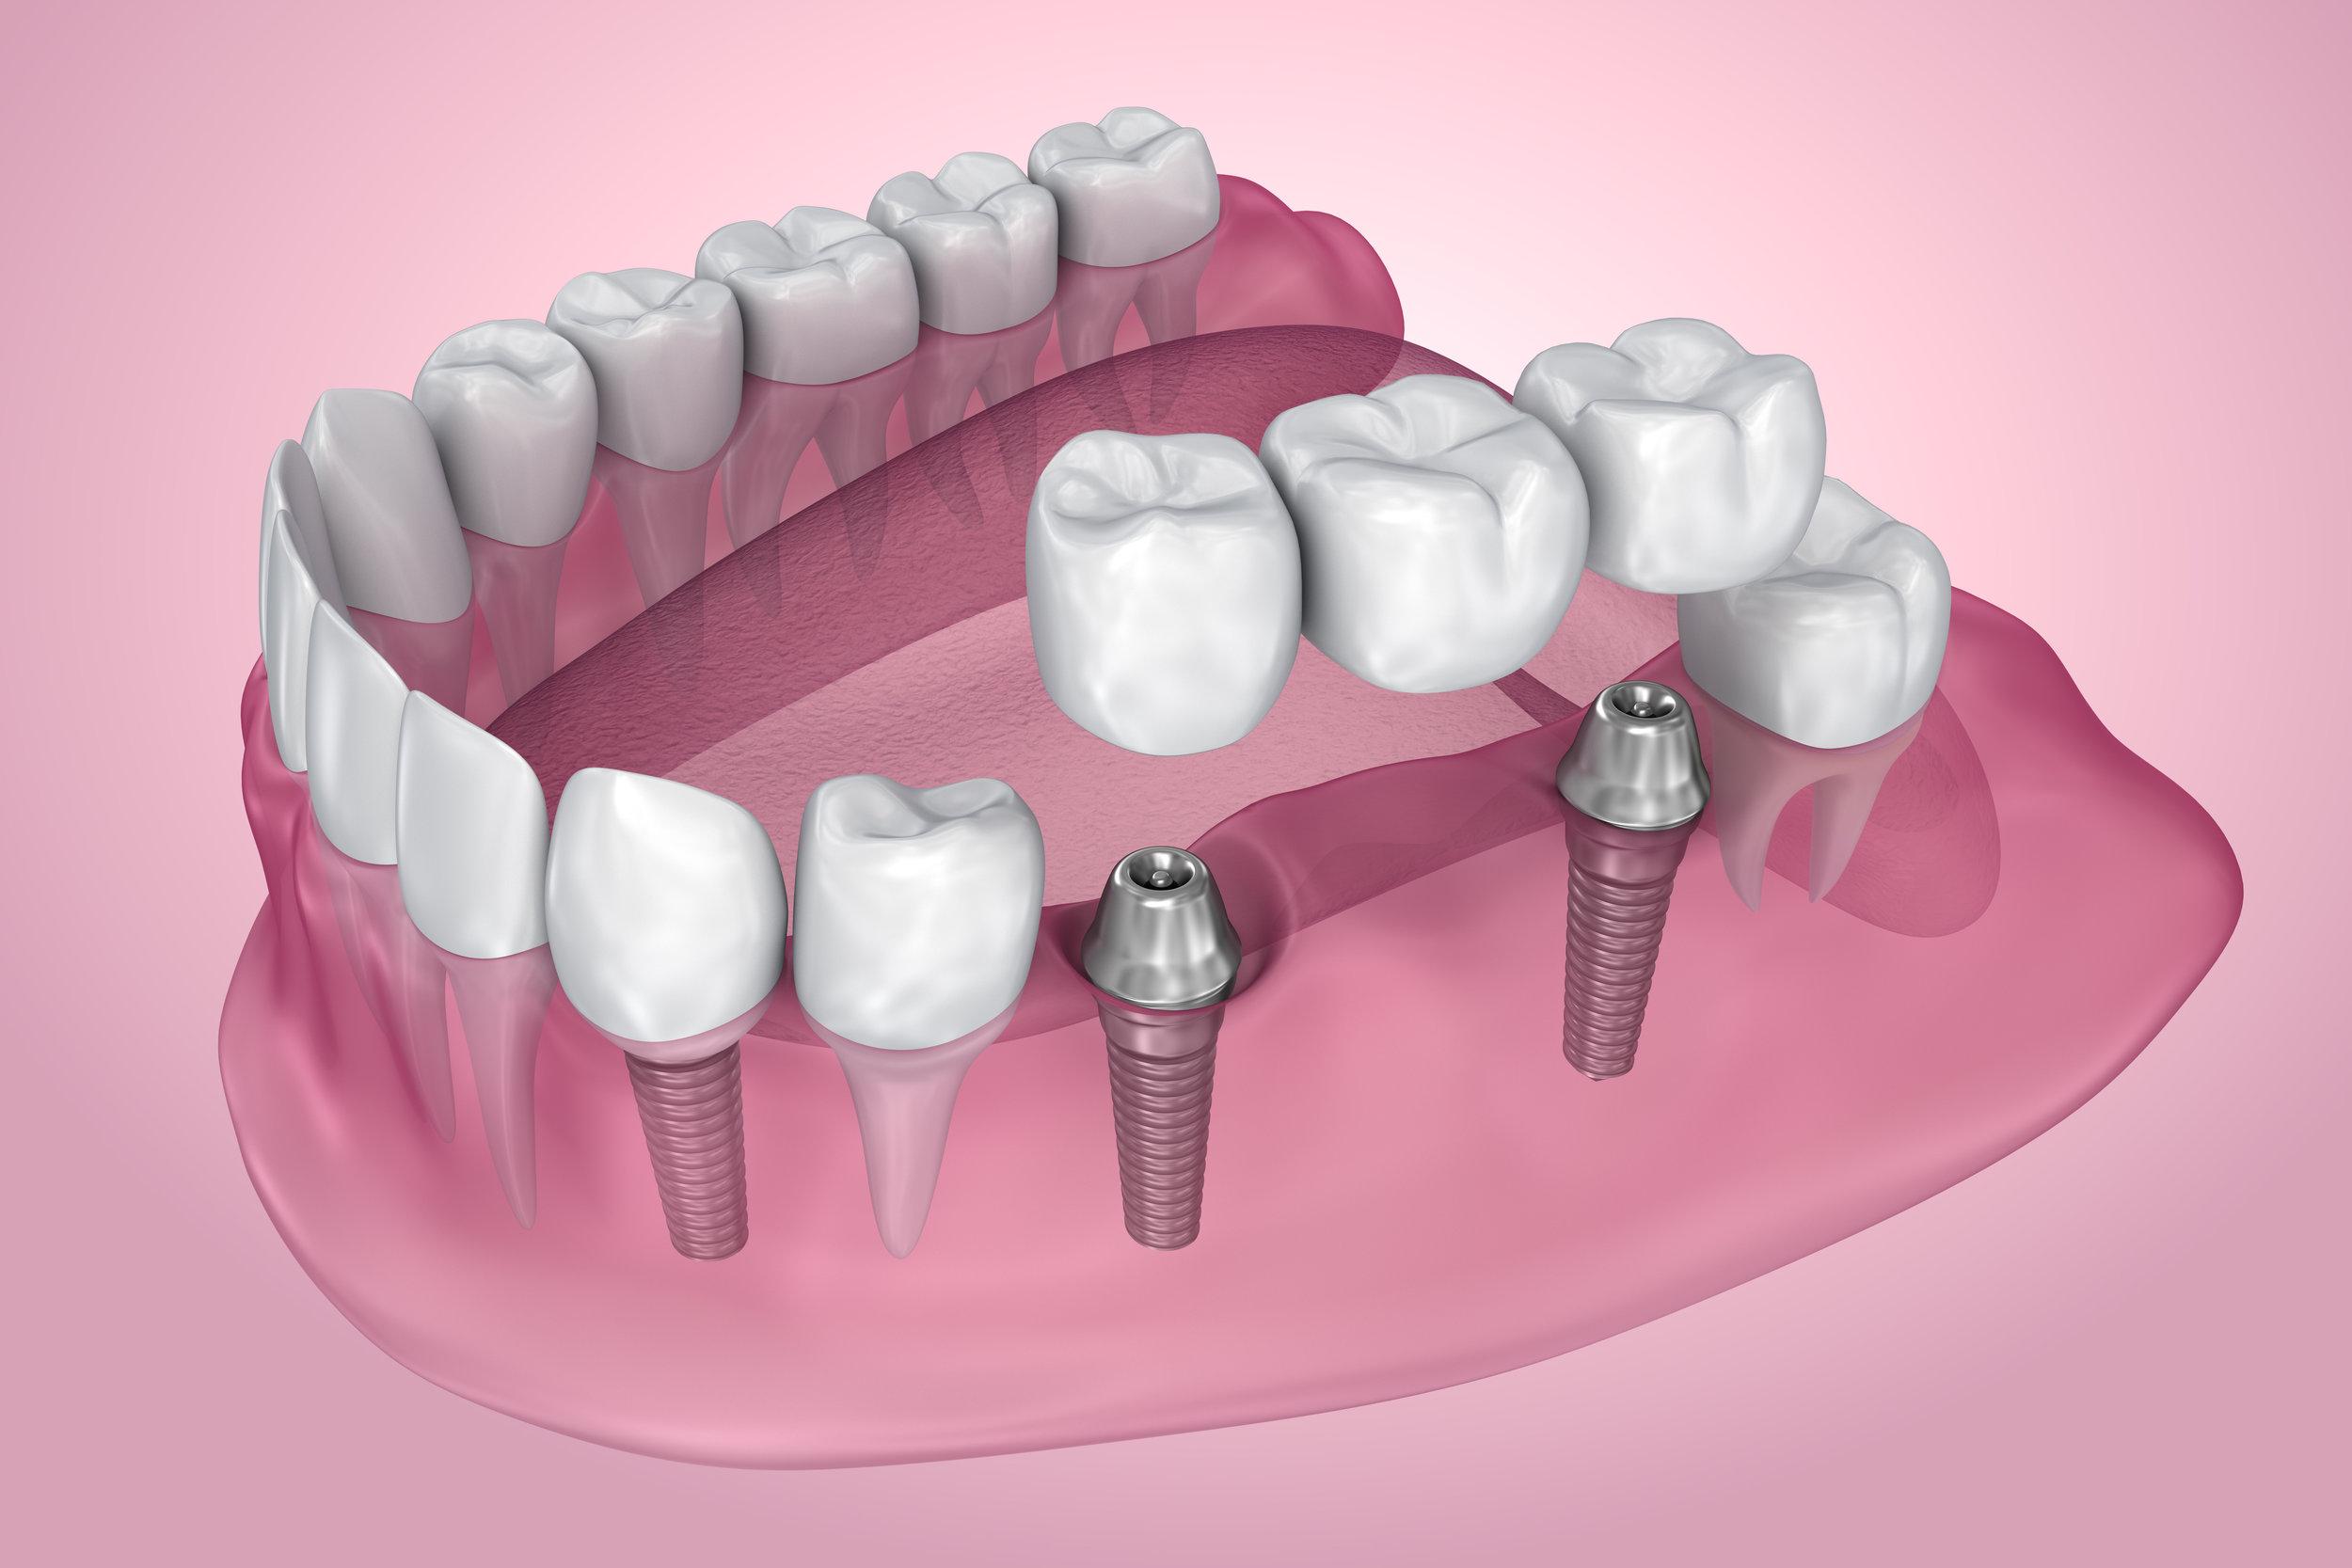 Implant Prosthetics